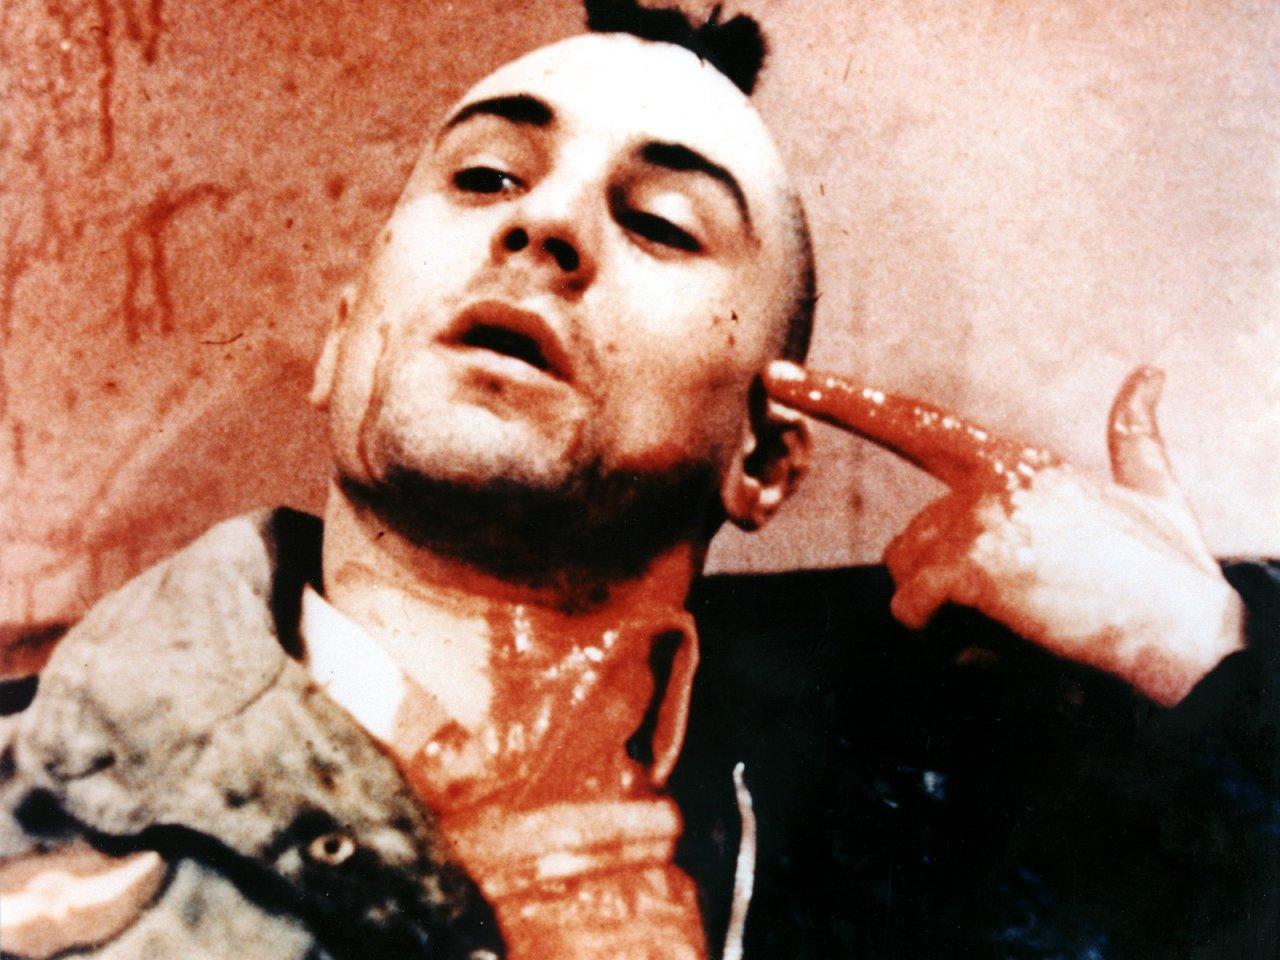 Travis Bickle sofre uma metamorfose no decorrer do filme (Foto: Reprodução)